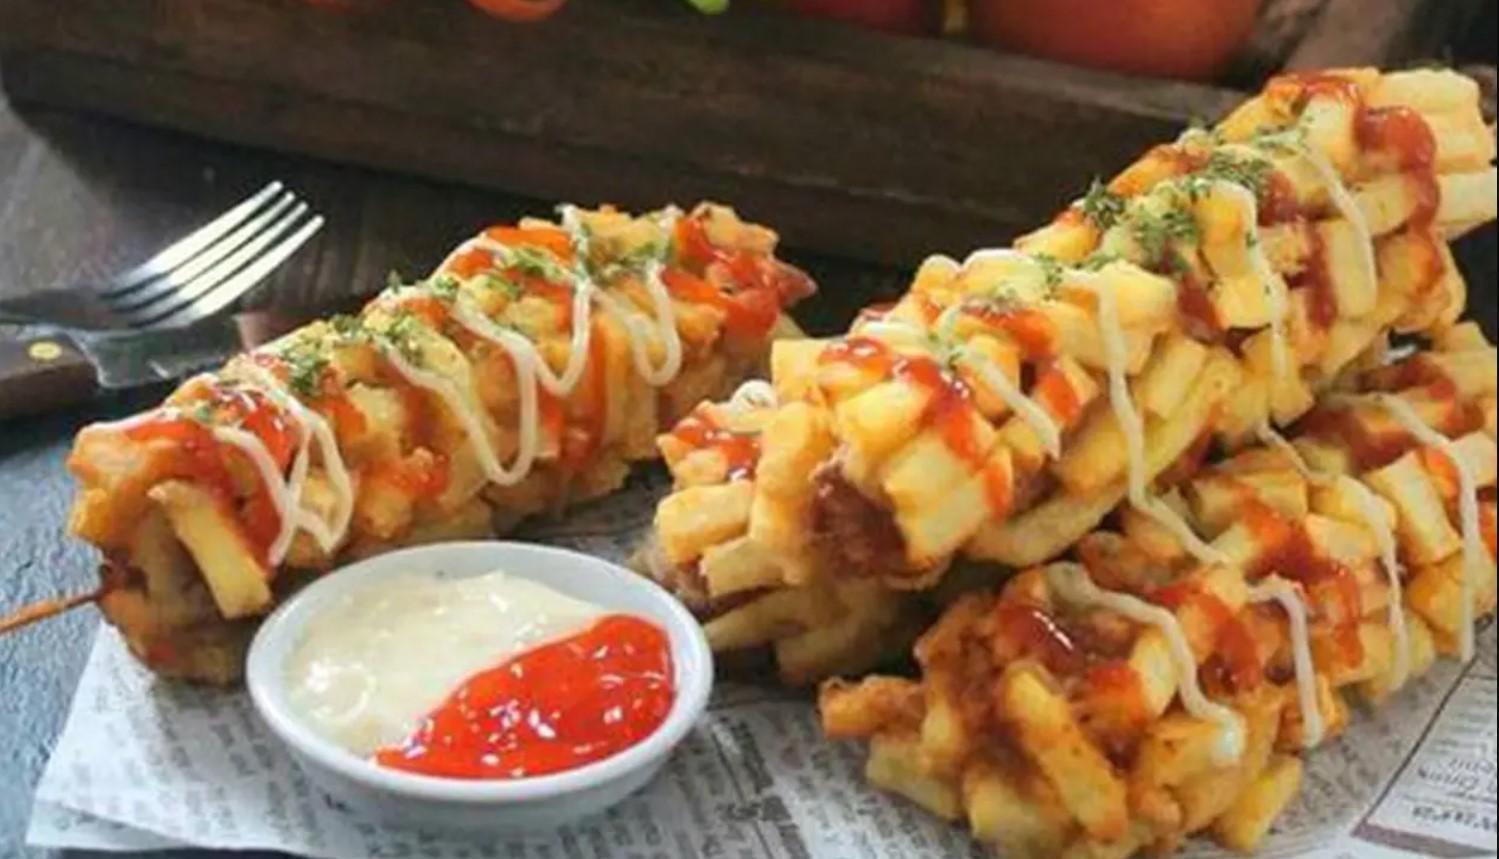 resep makanan kekinian